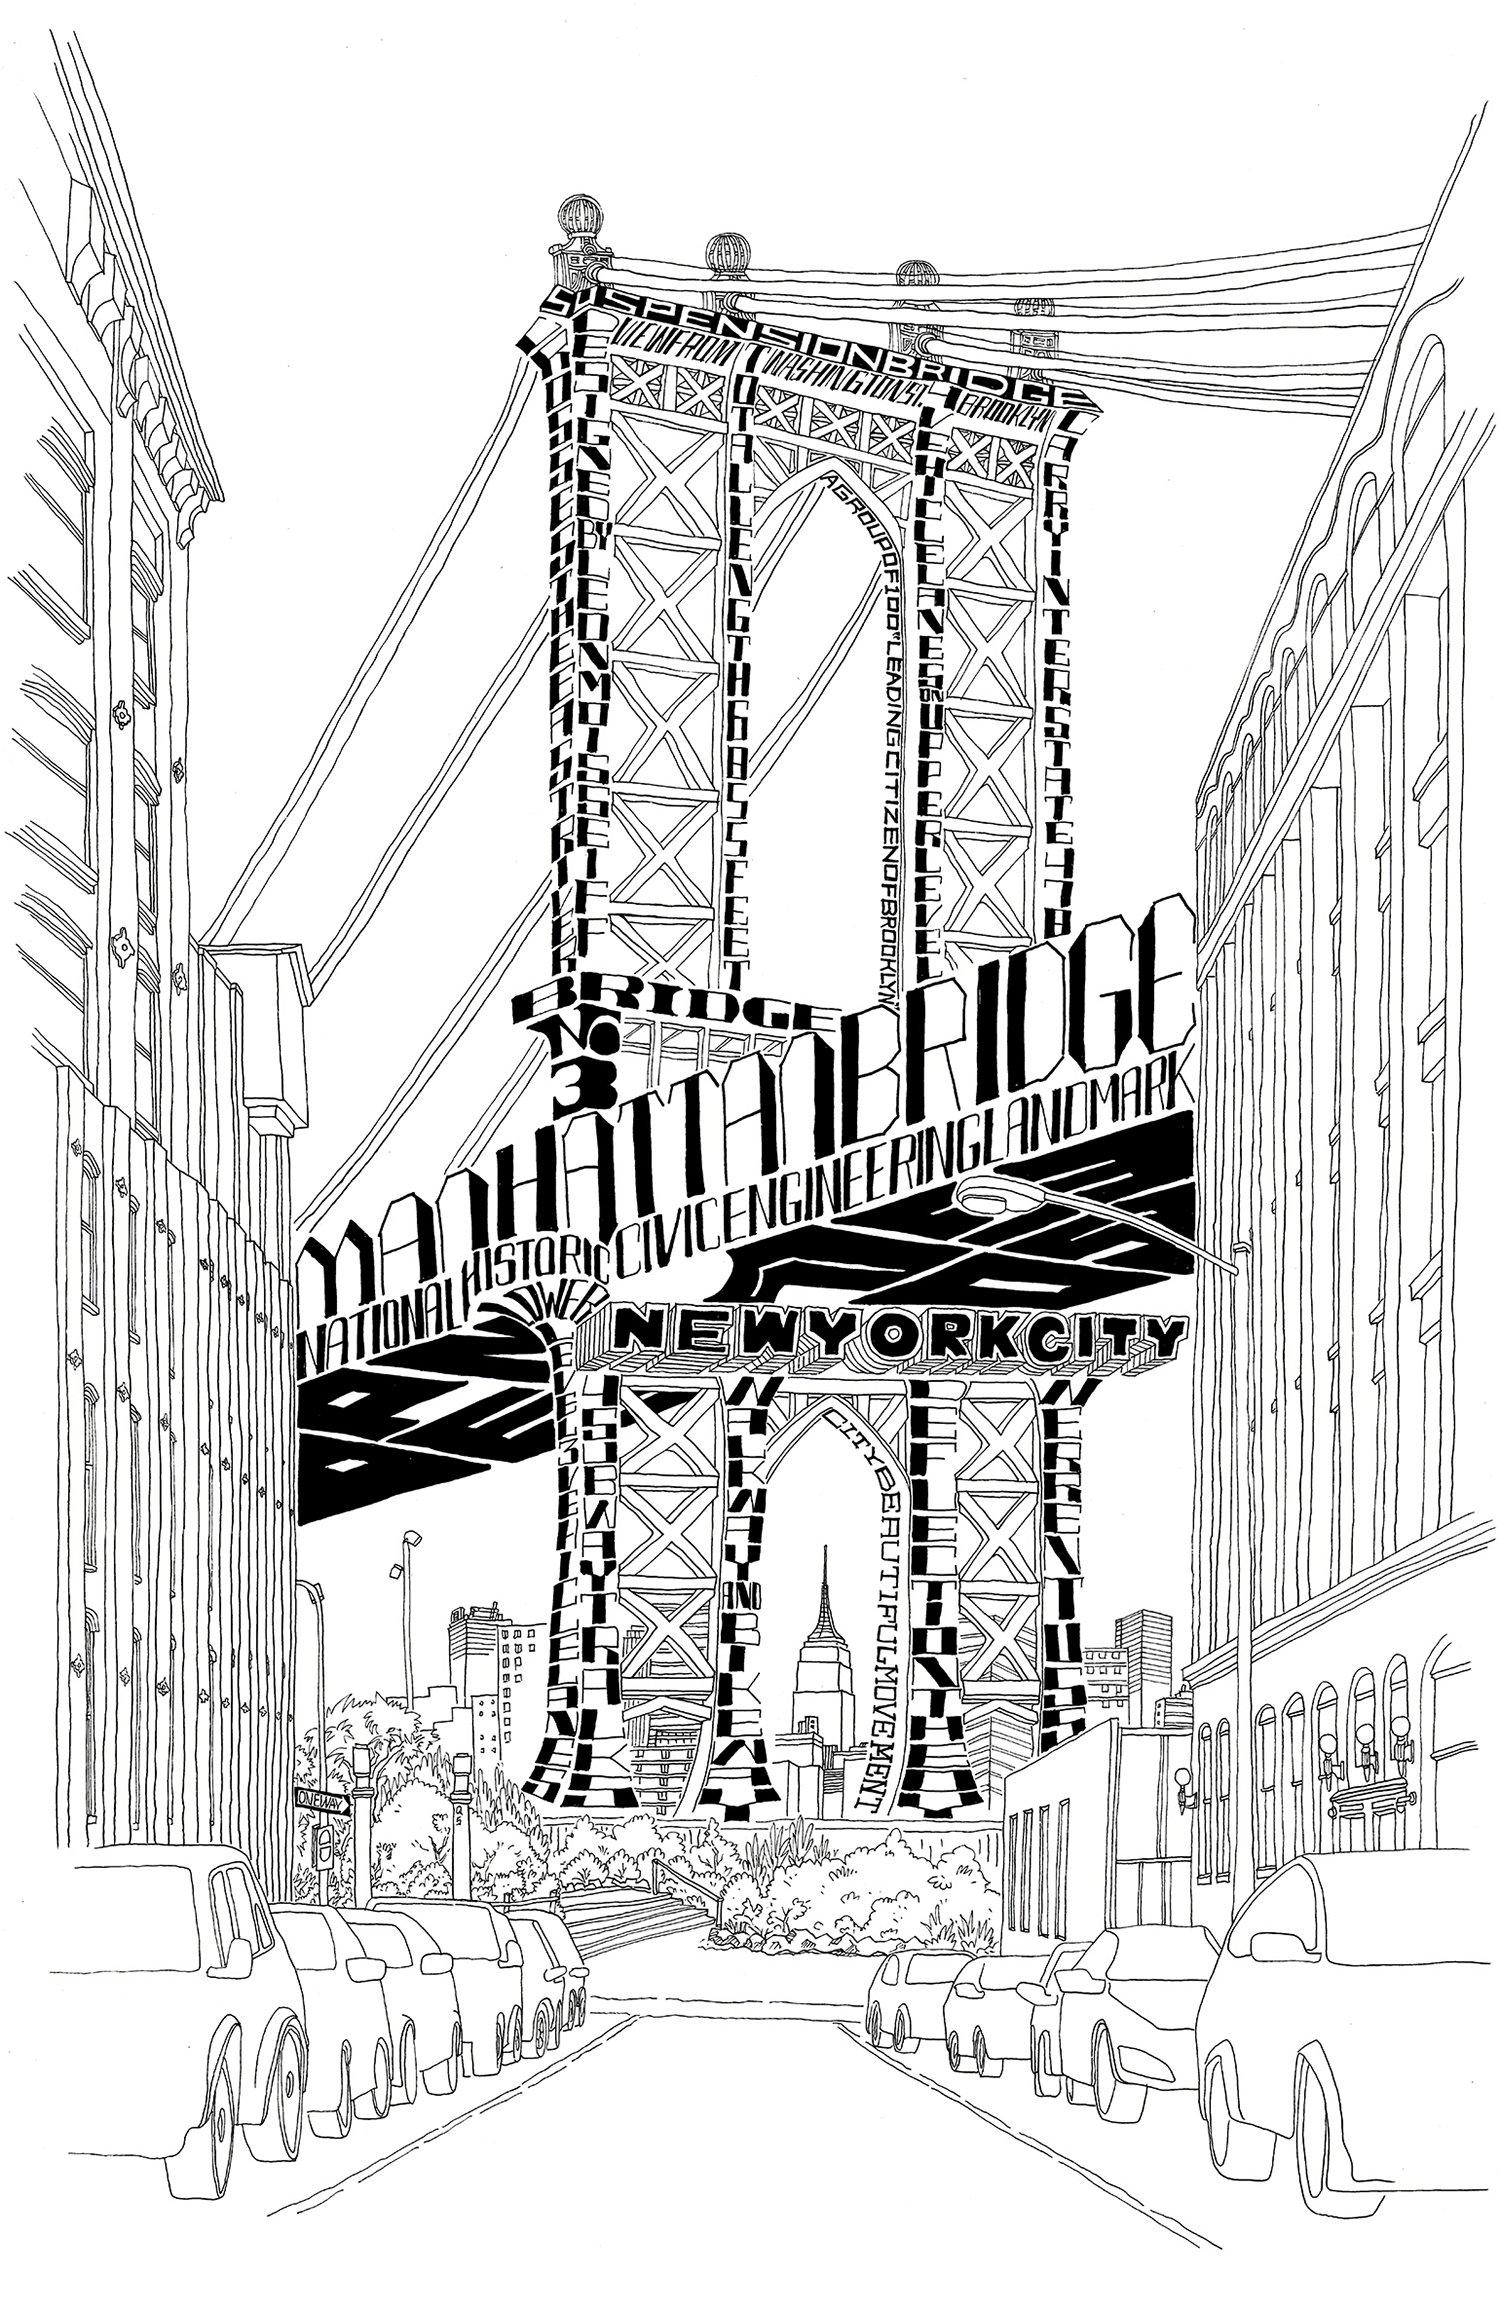 Architype New York affiche / impression par Qian Sun